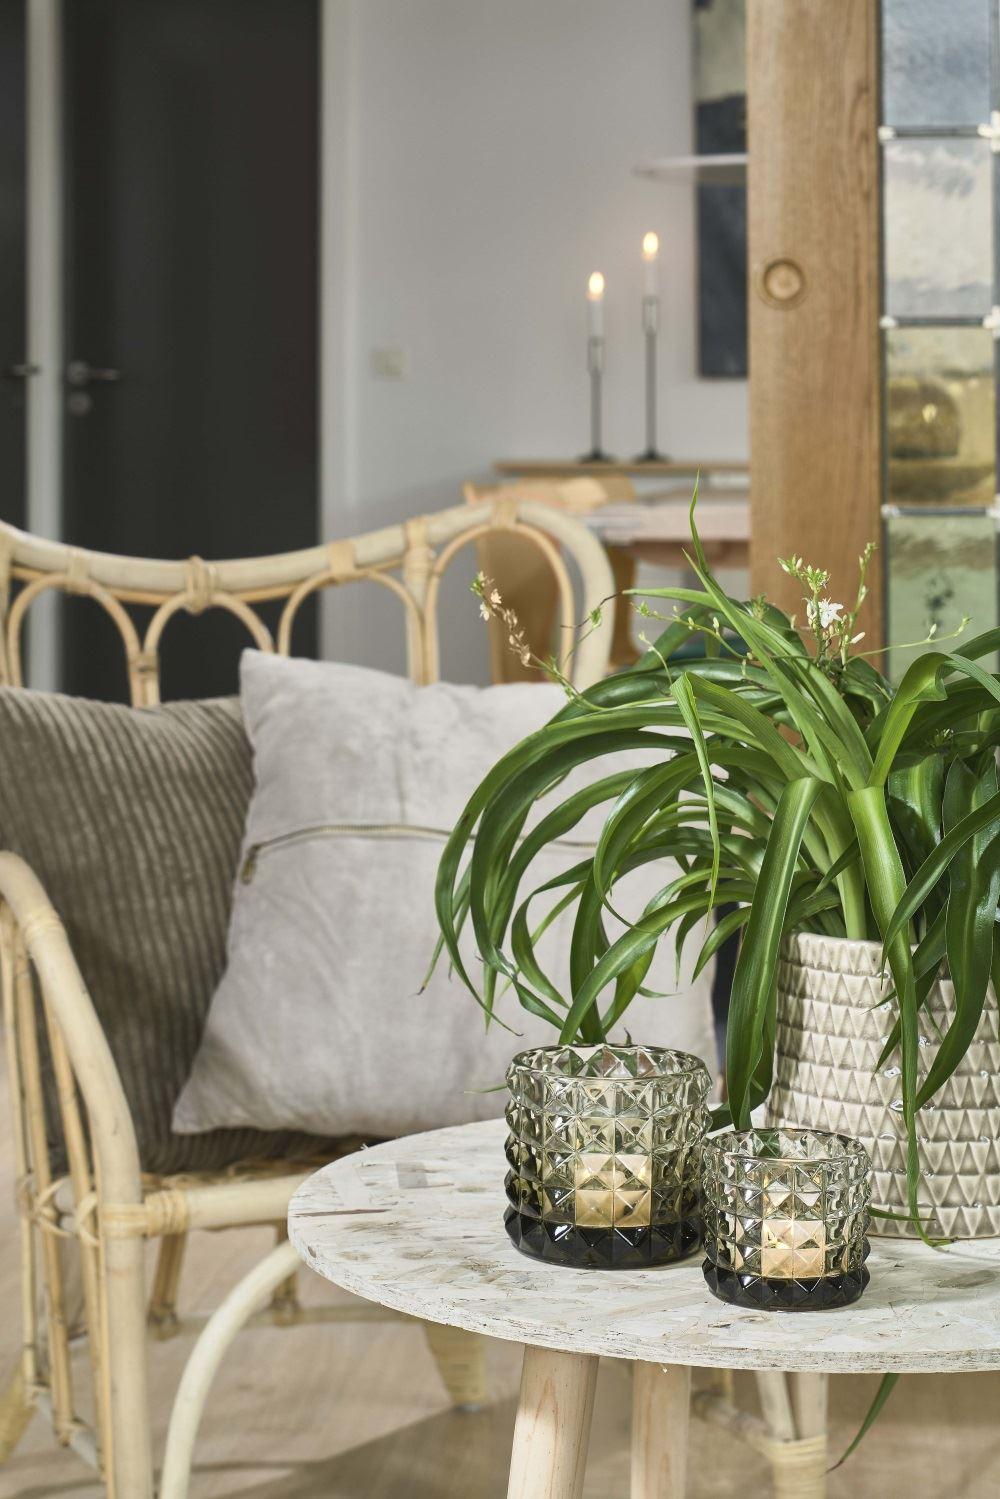 Villa-Collection-Danemark-Ceramique-marocaine-CARRELE-interieur-plante